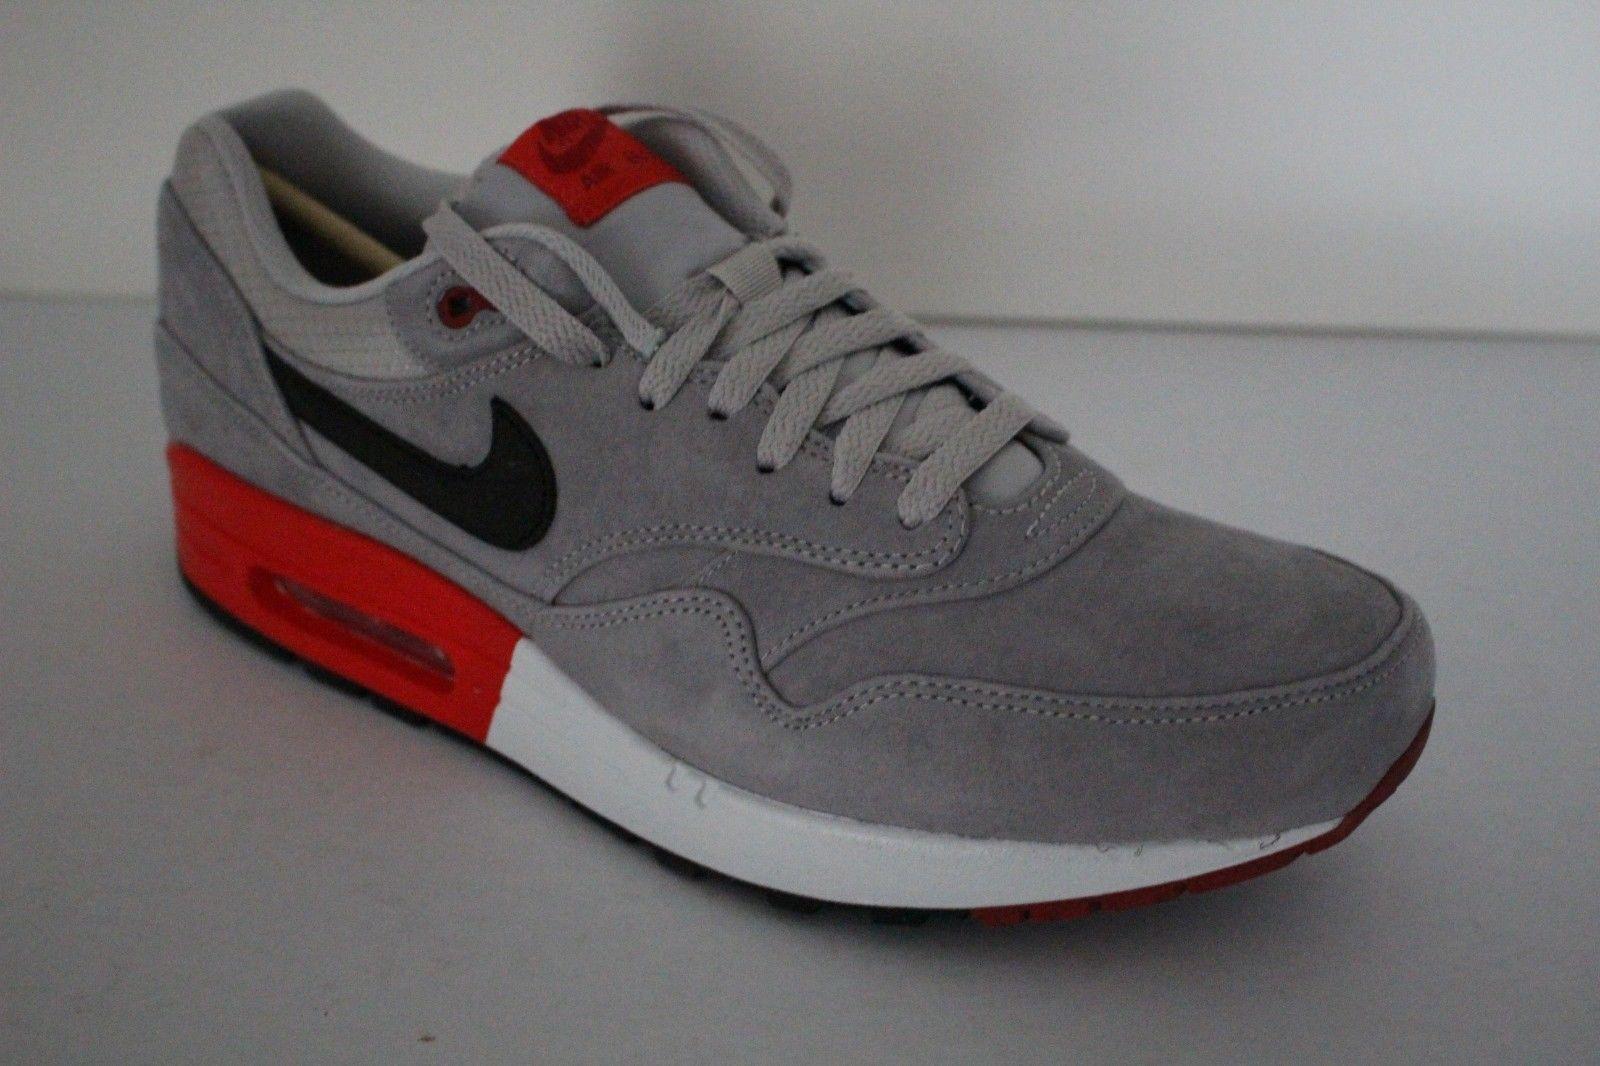 Nike Air Max 1 PRM Mens Suede Premium Retro Casual Running shoes Iron Ore Crimson